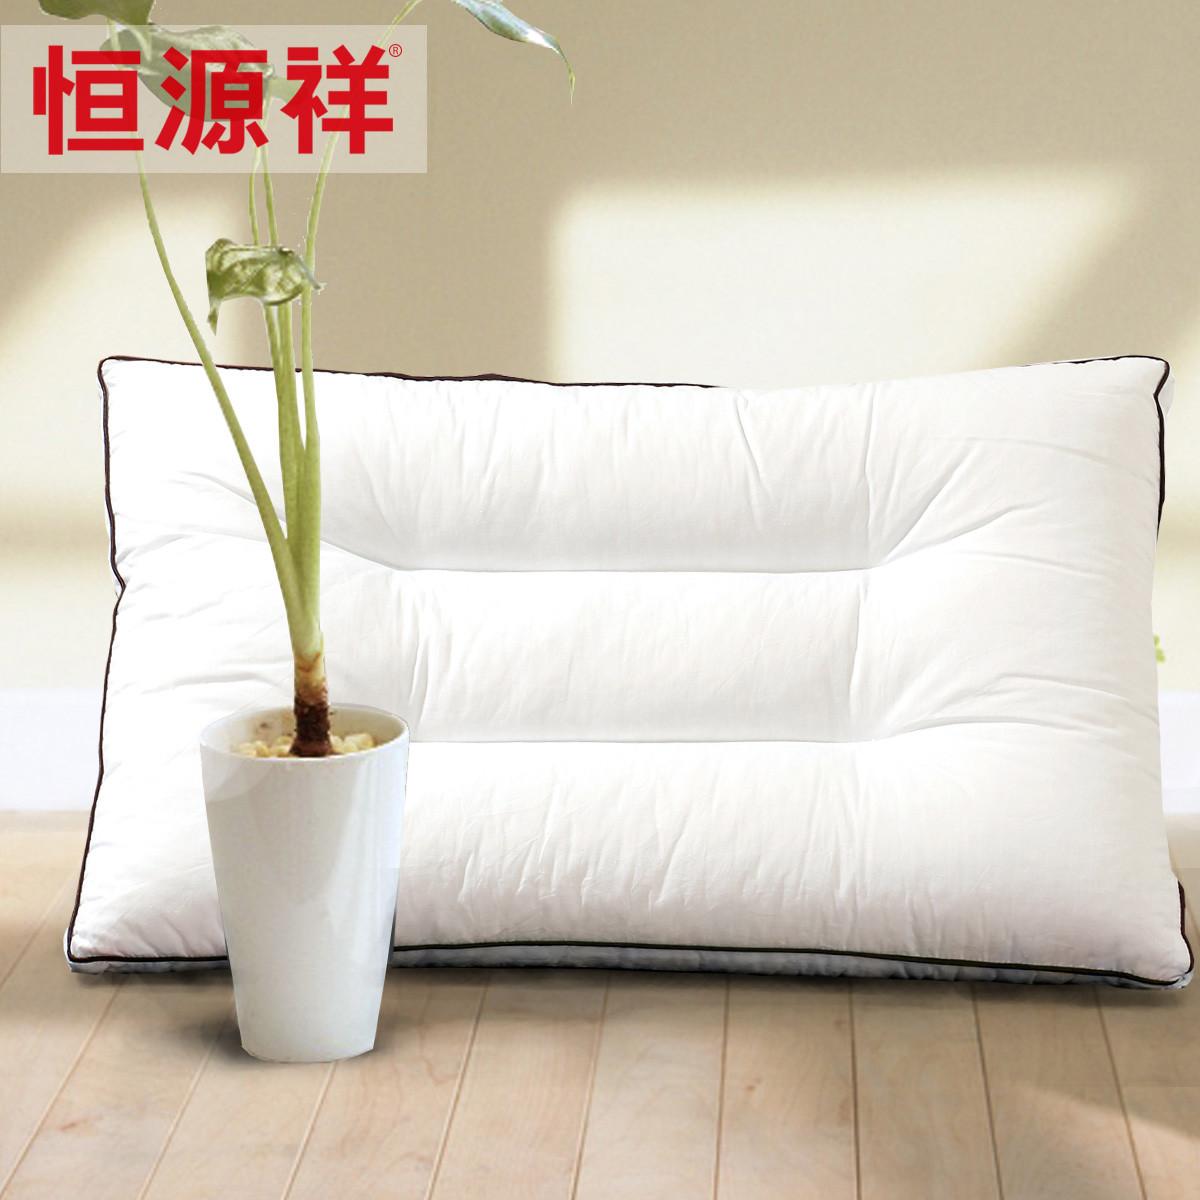 恒源祥单只装护颈枕芯斜纹布一等品棉布长方形枕头